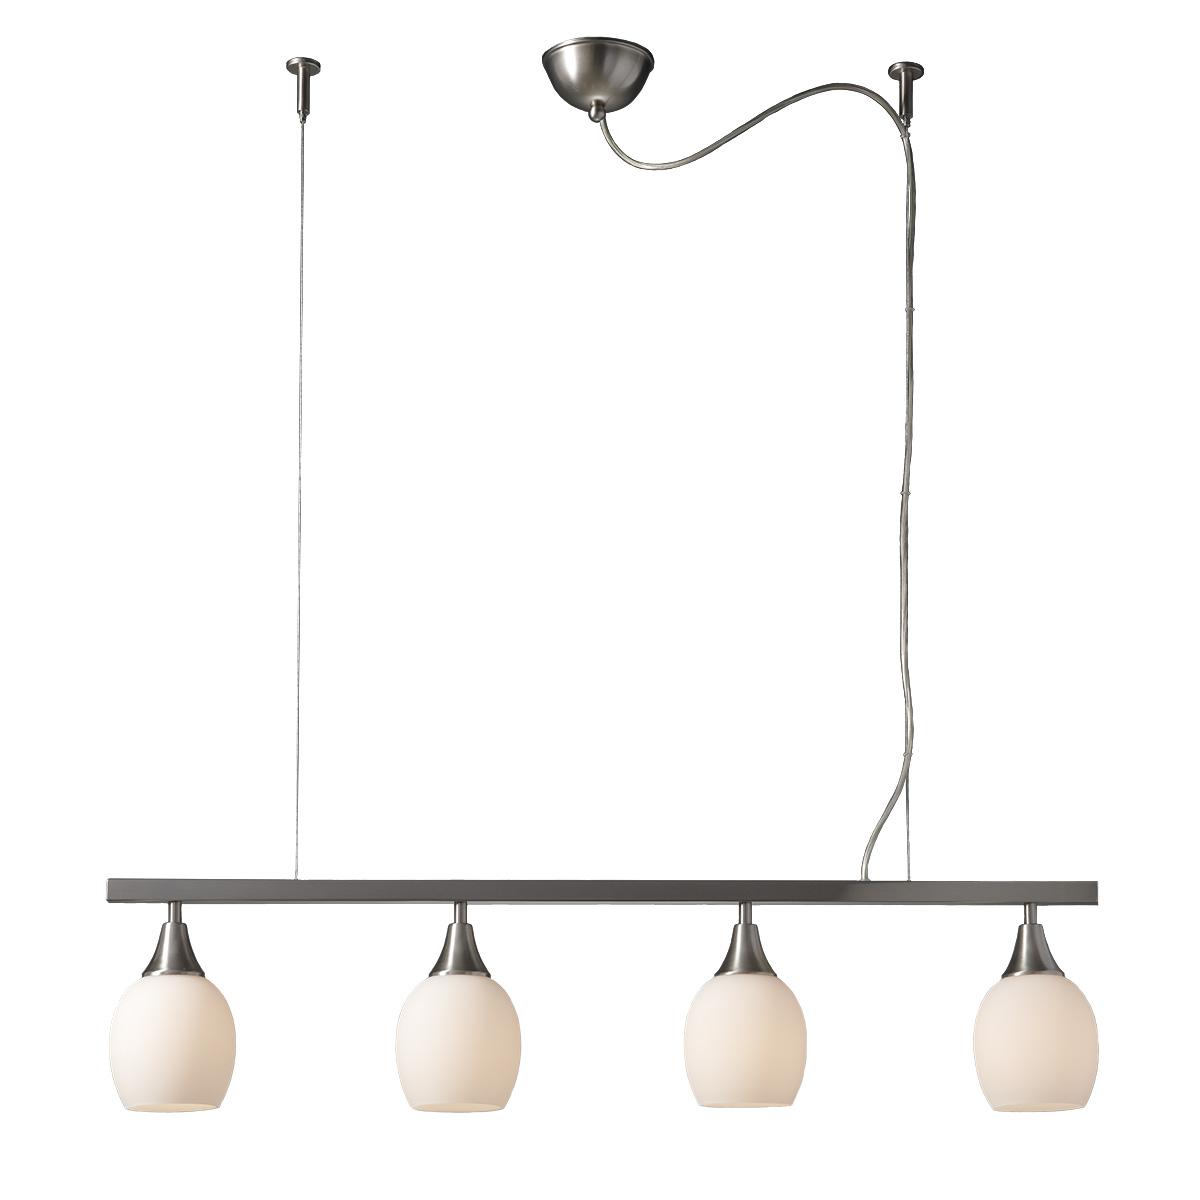 Μοντέρνο φωτιστικό ΓΡΑΜΜΕΣ modern rail lamp